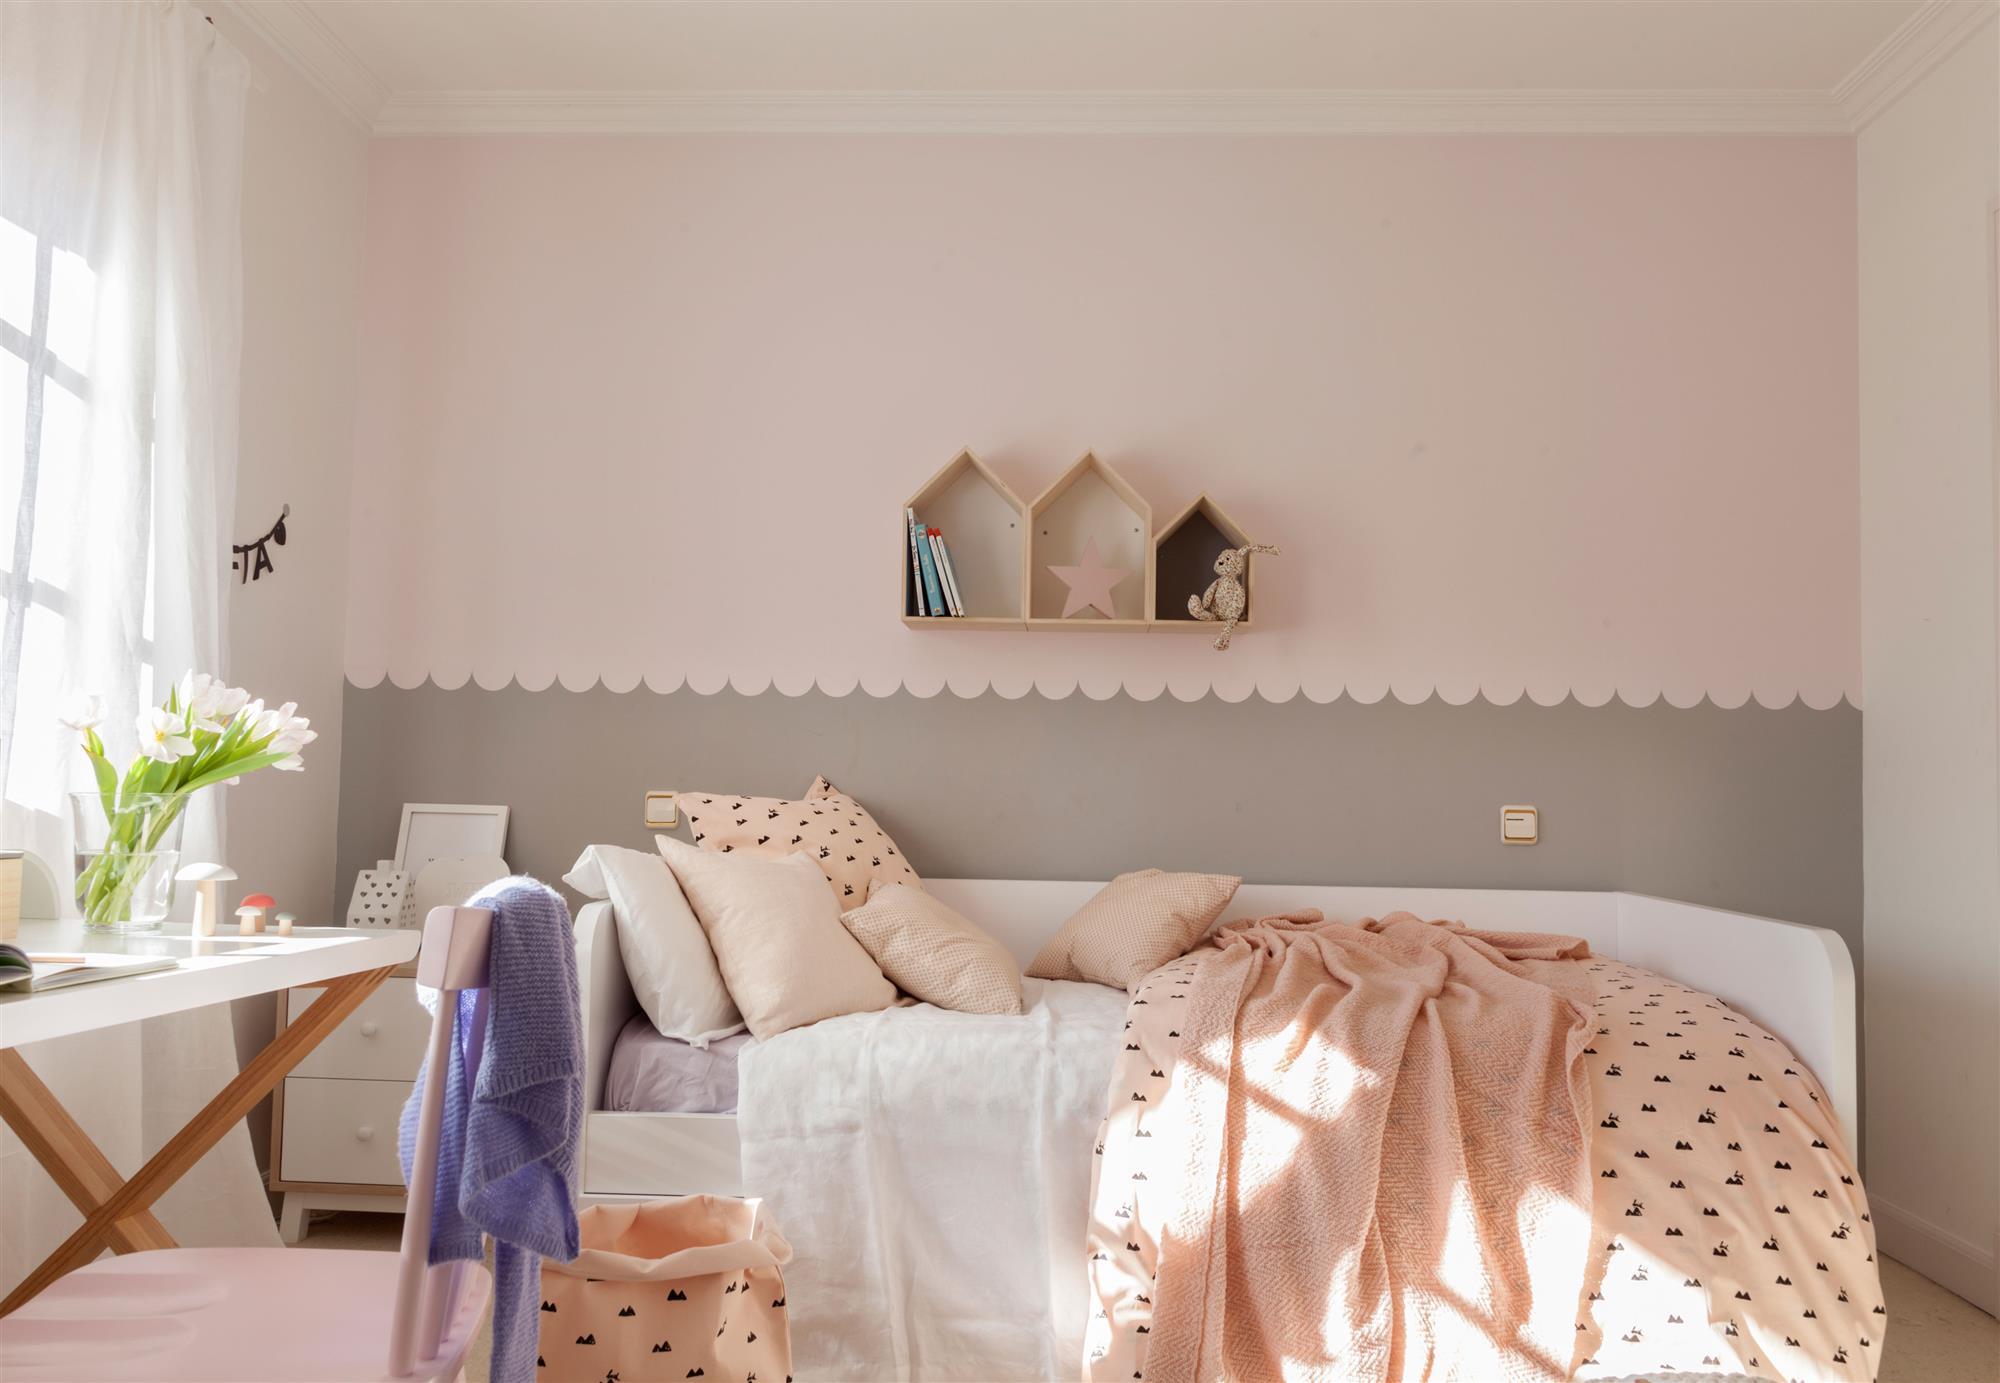 Pintar dormitorio infantil for Dormitorios pintados en gris